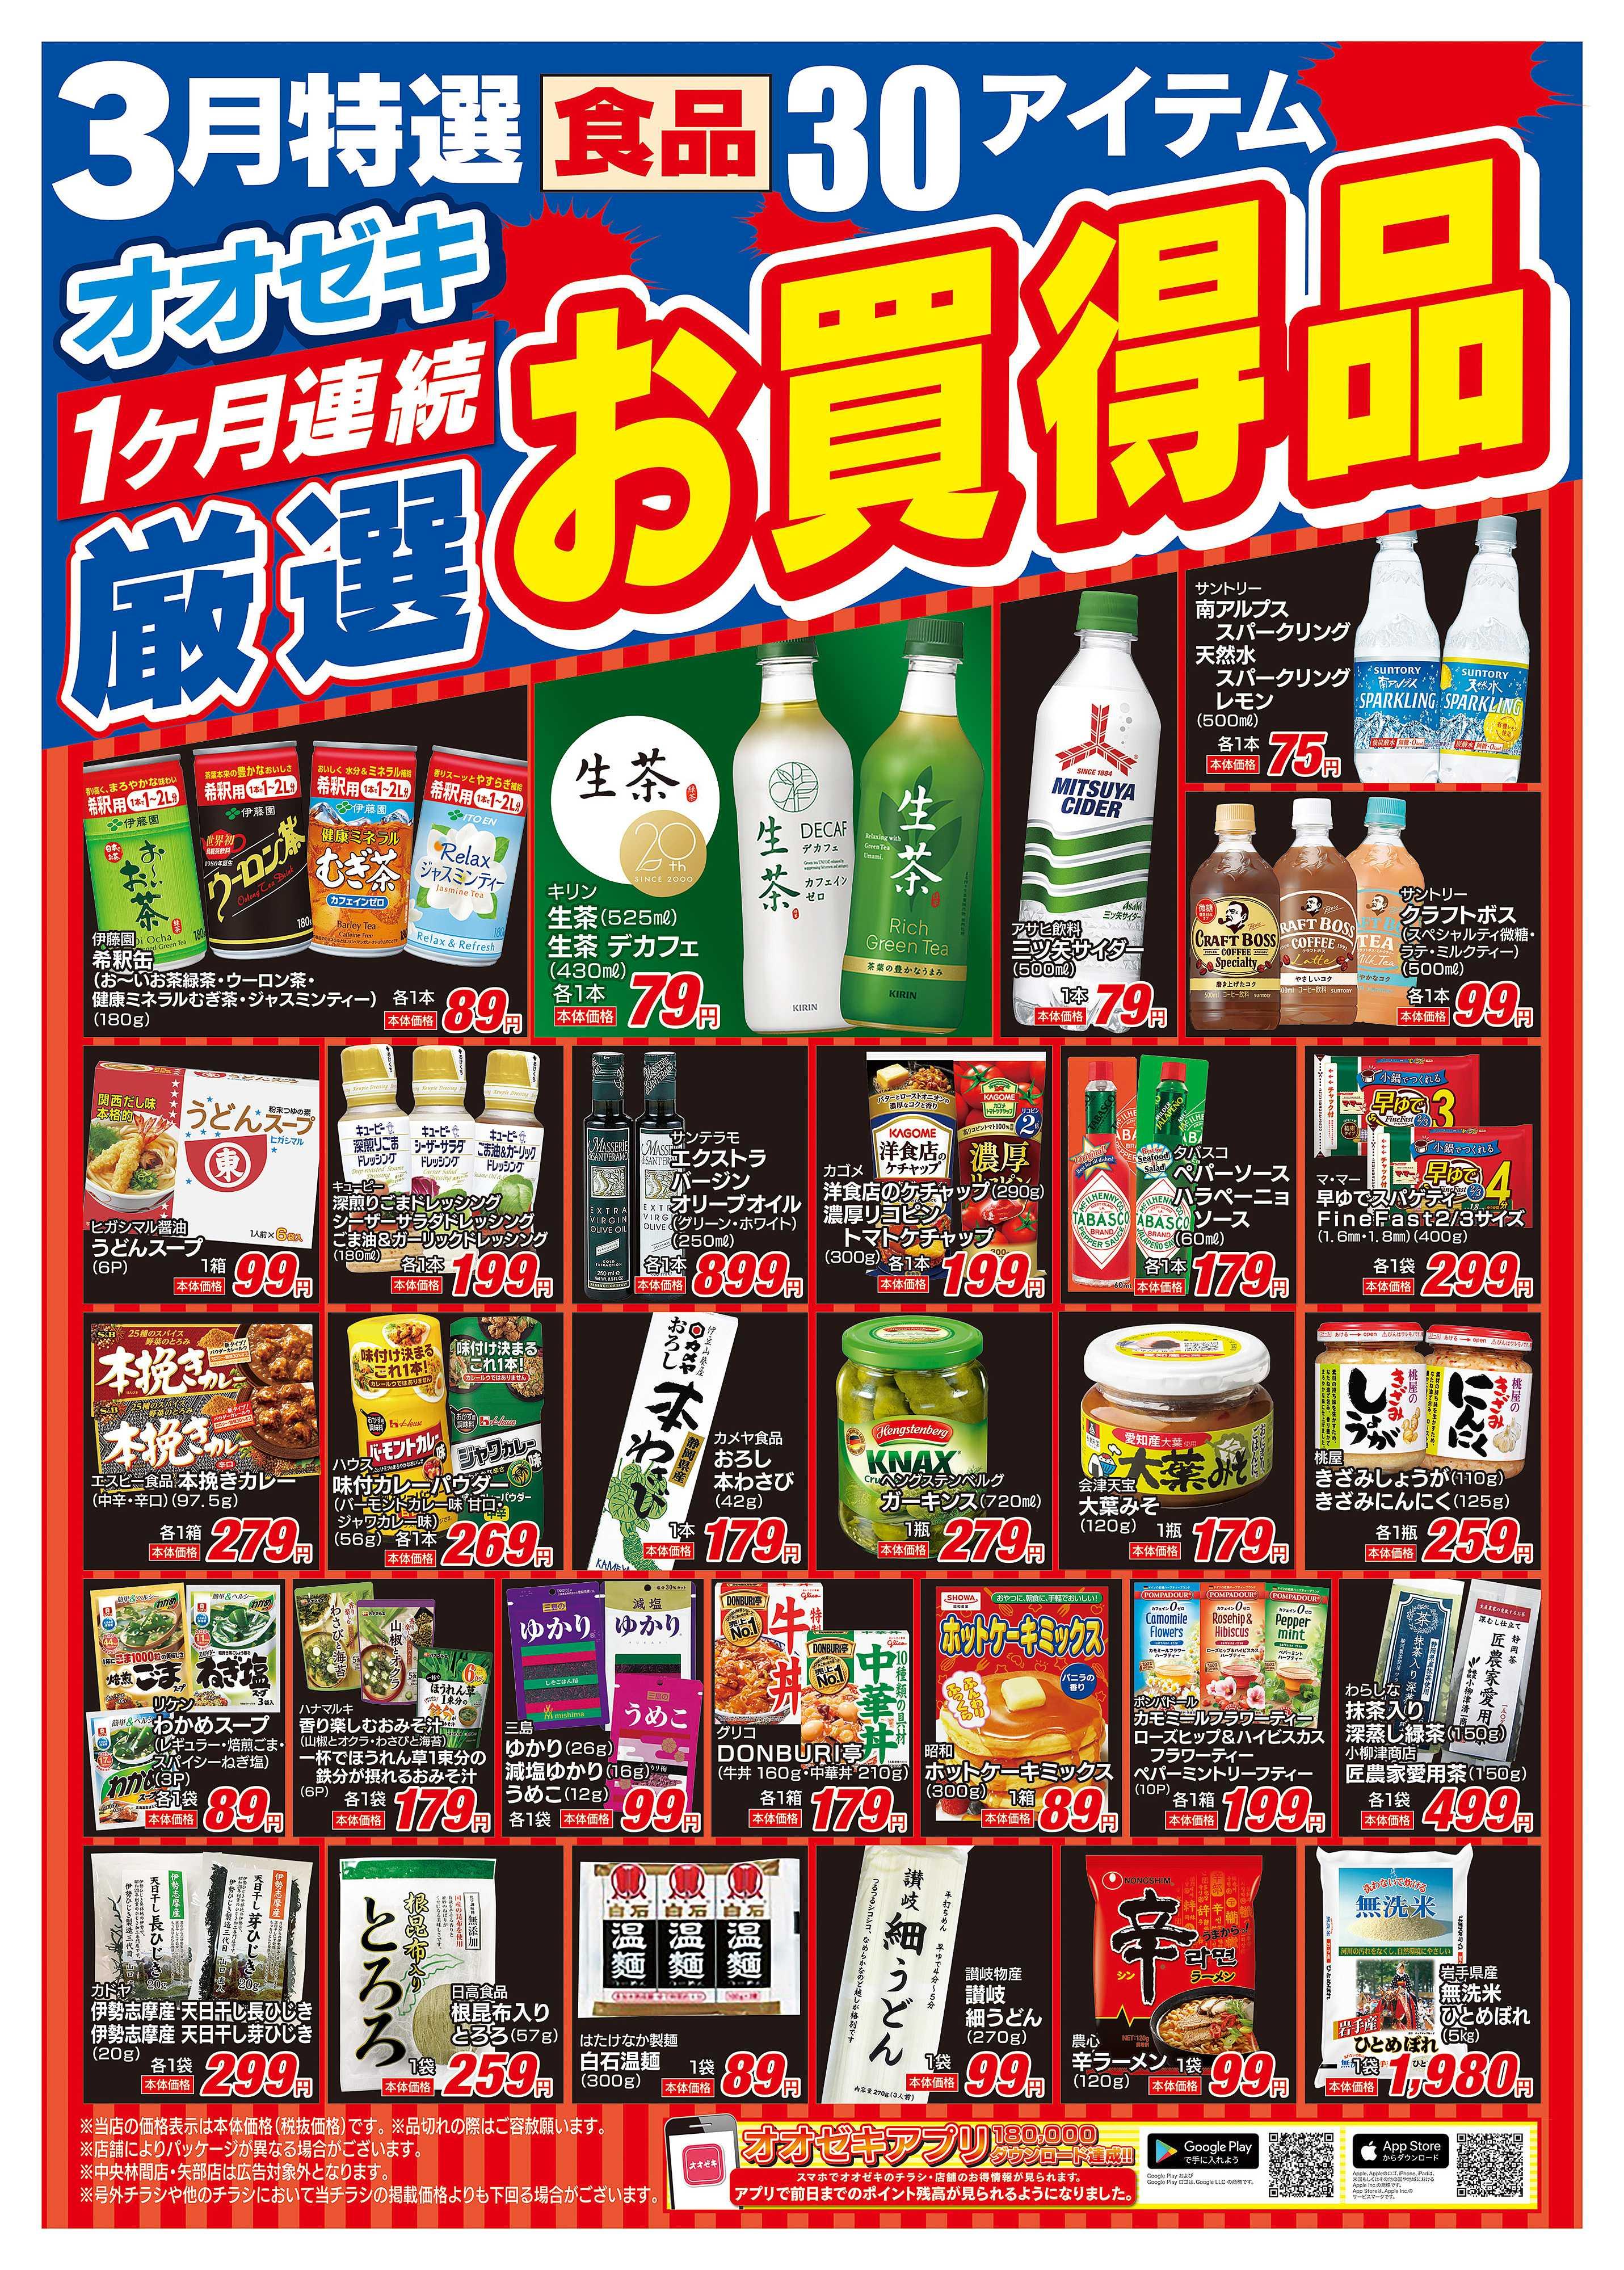 オオゼキ 3月特選食品 1ヶ月連続厳選お買得品